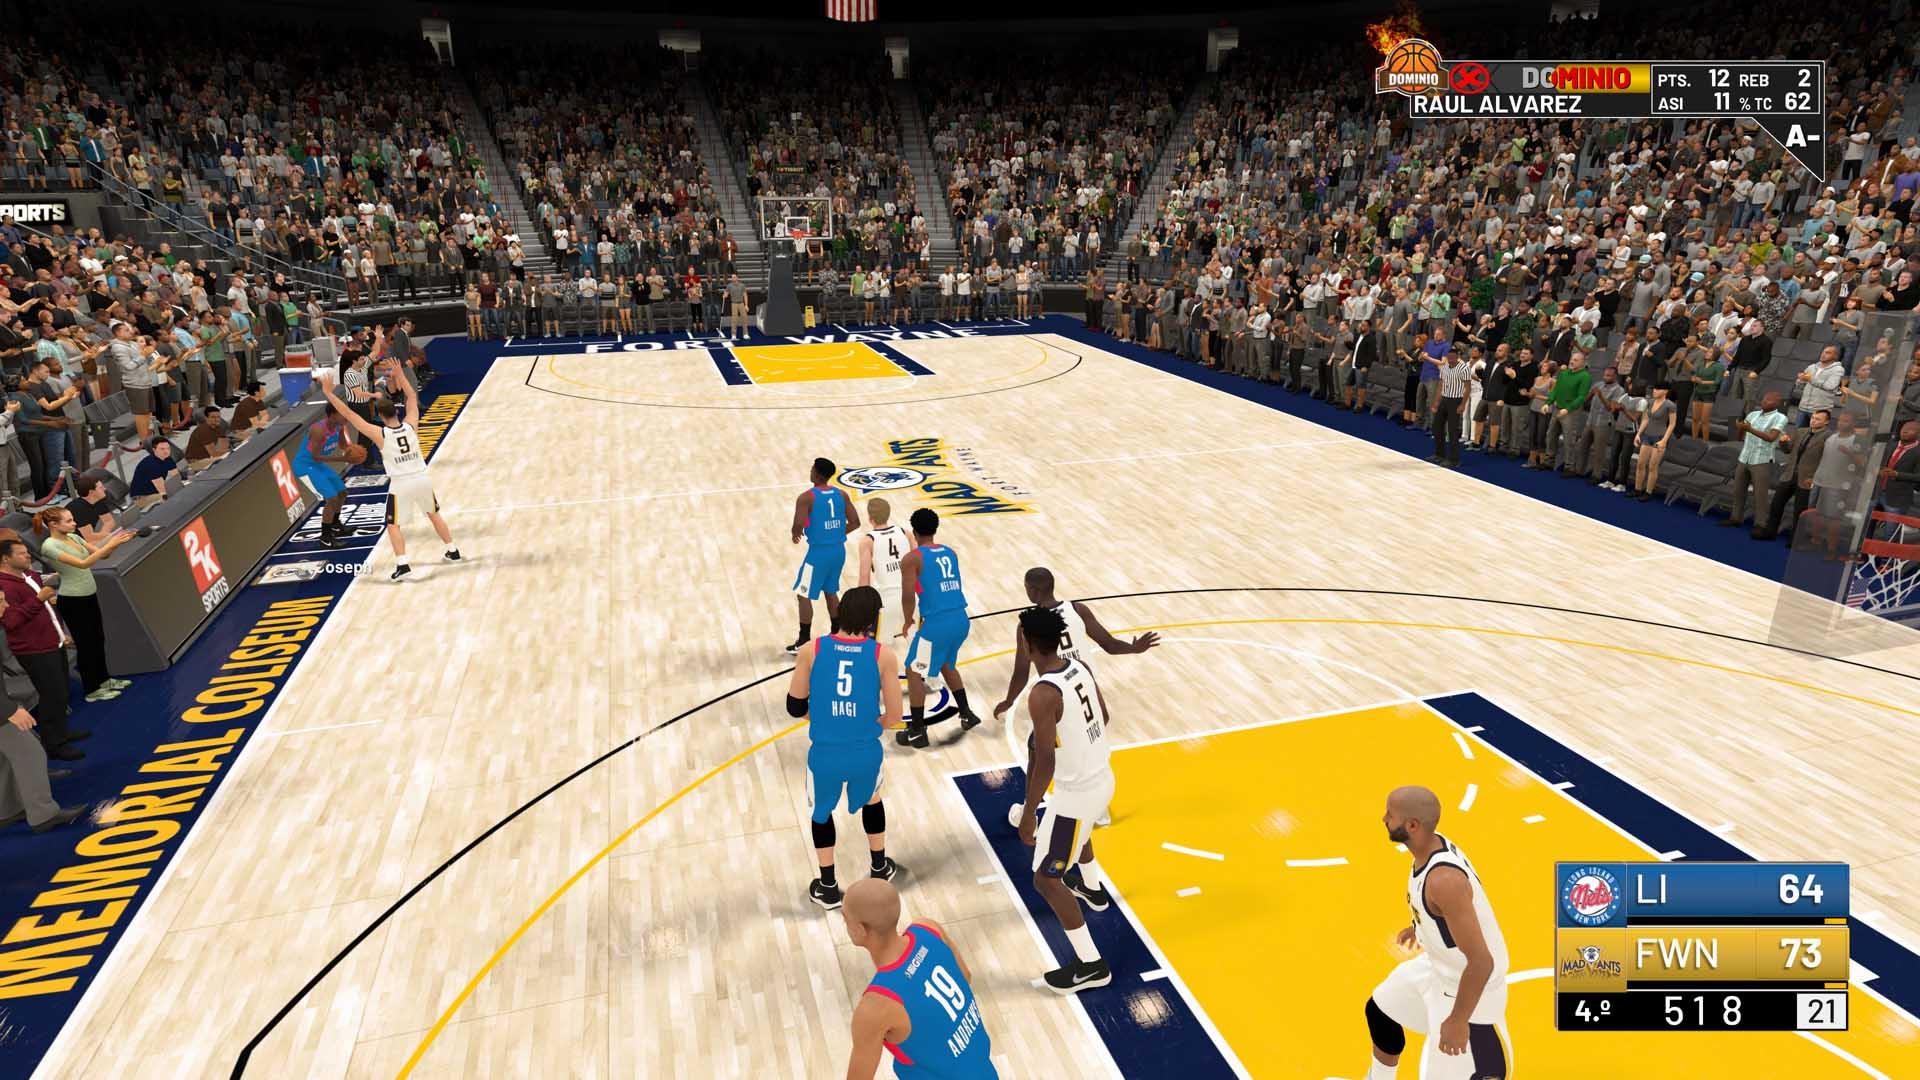 Análisis de NBA 2K19 - Xbox One | SomosXbox